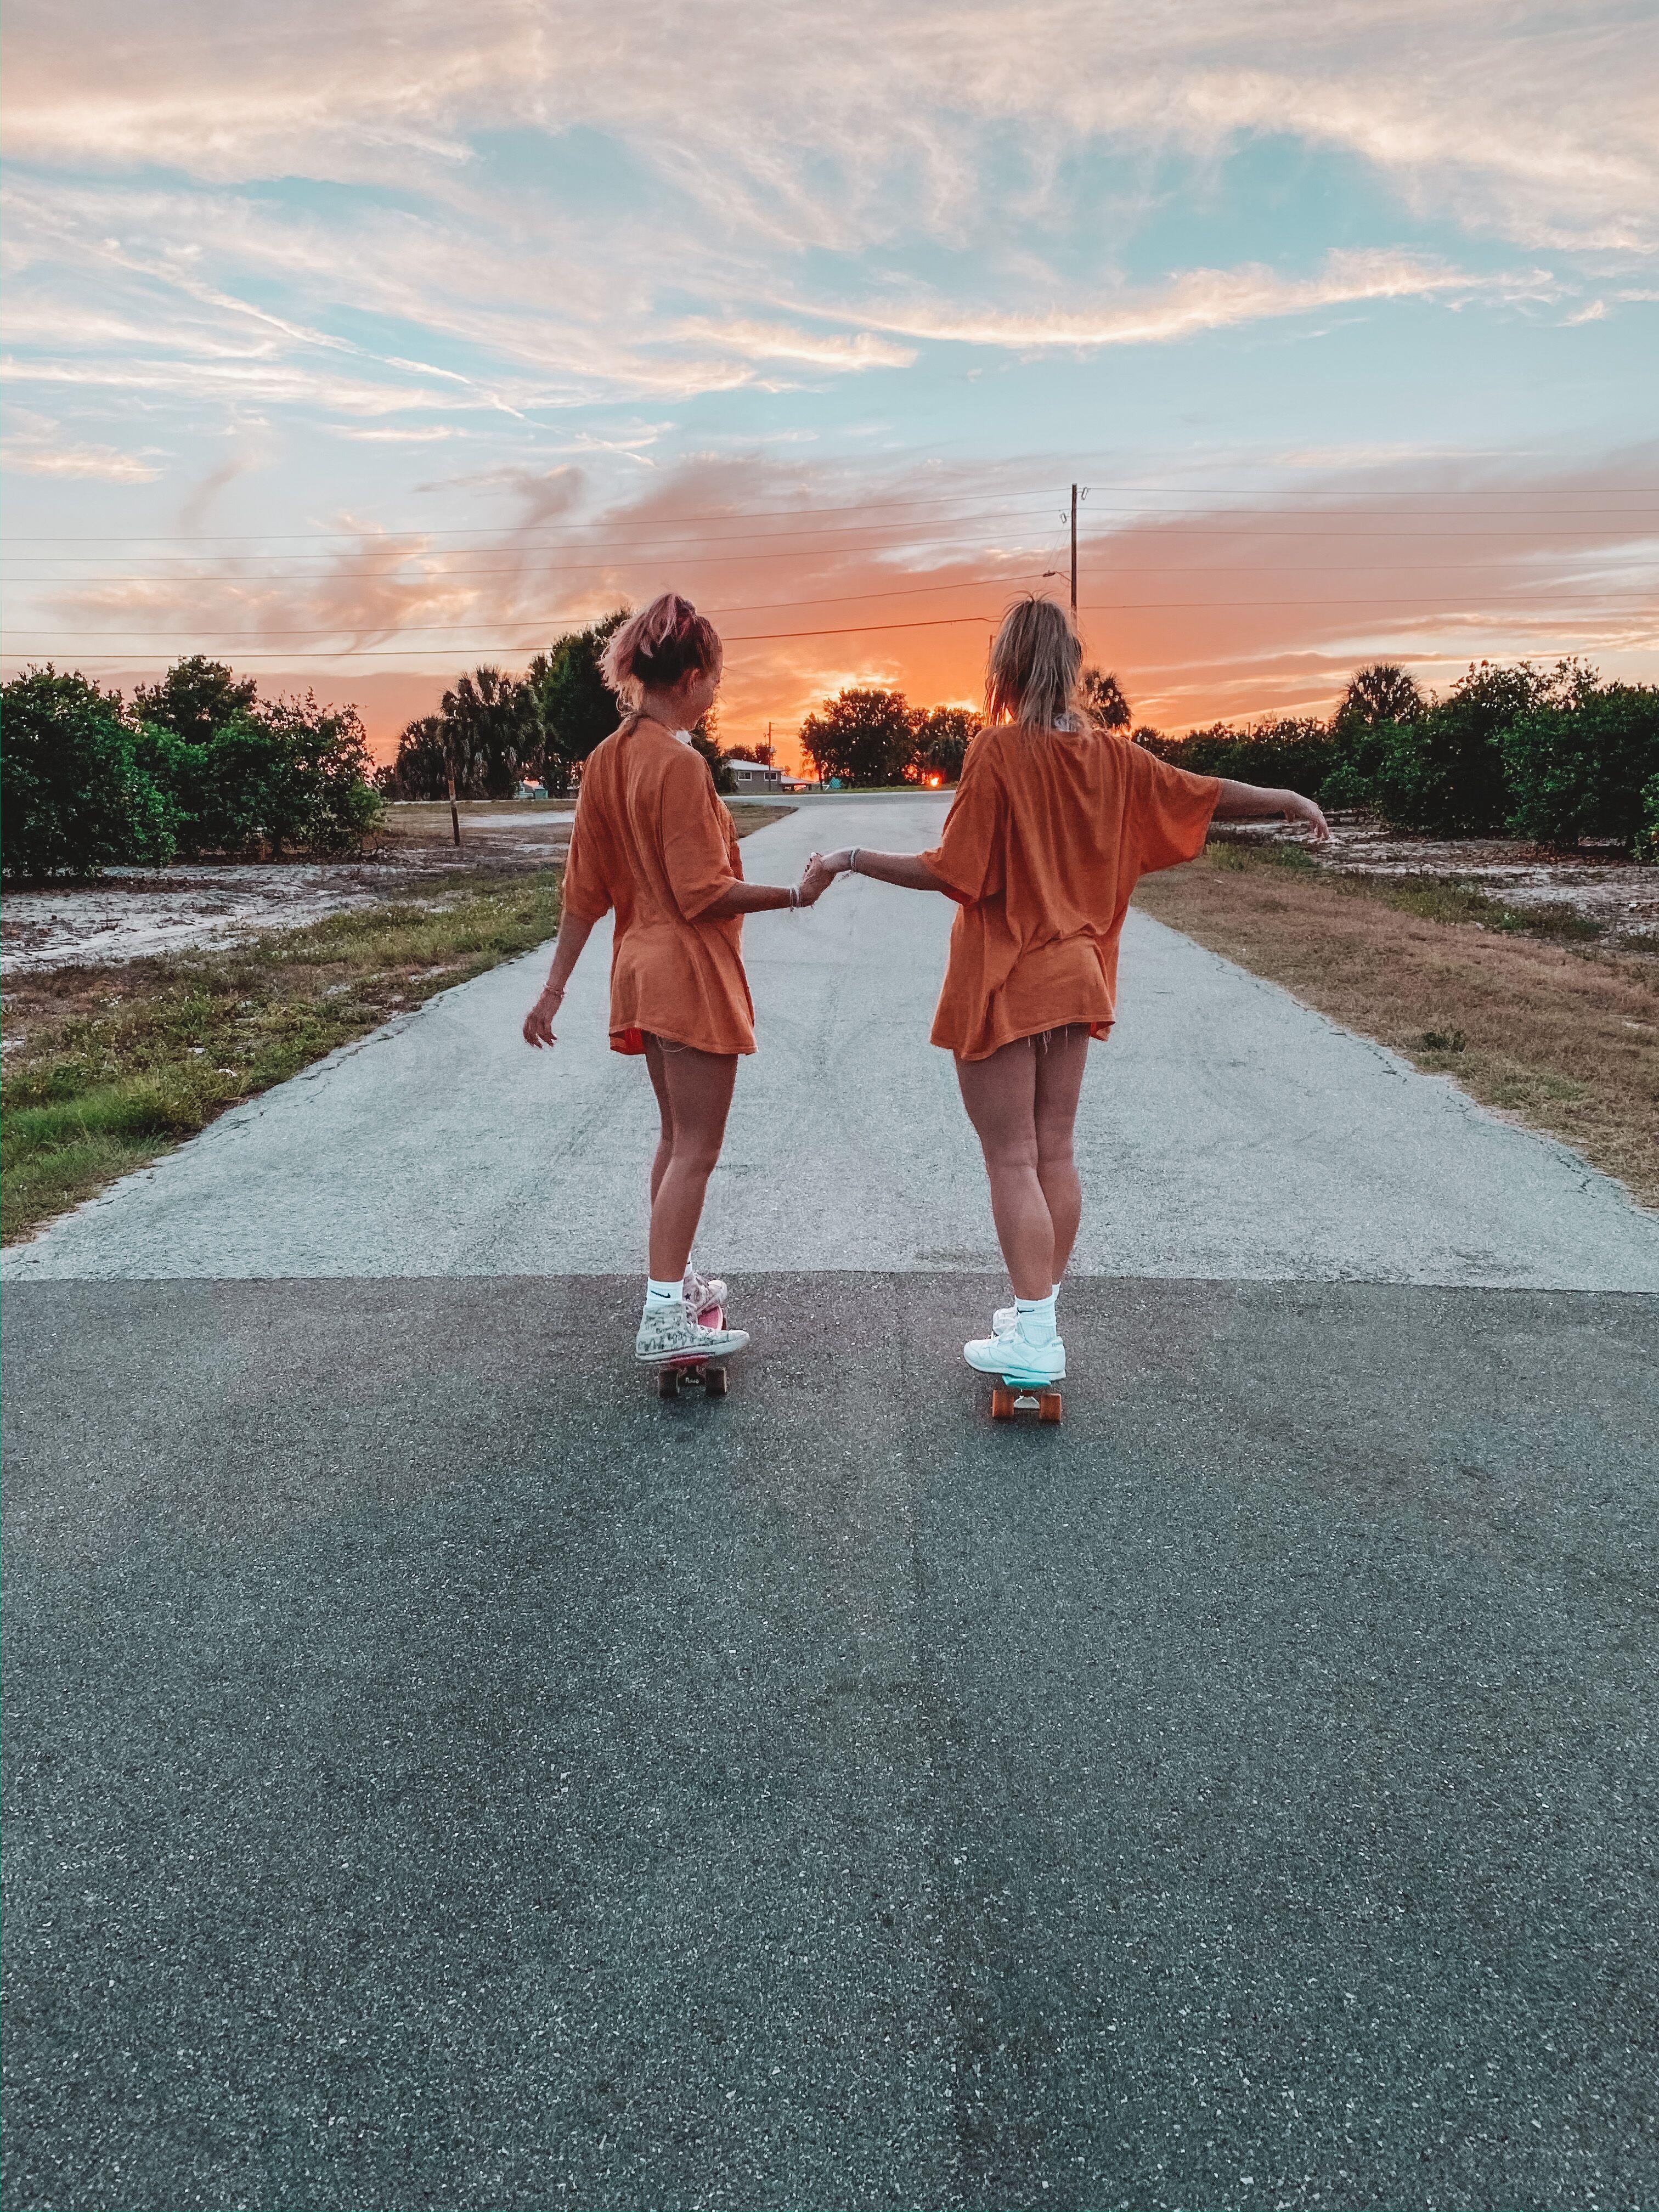 BFF skate ✨ #puravidabrcelets #bff #skate #twins #orange #dusk